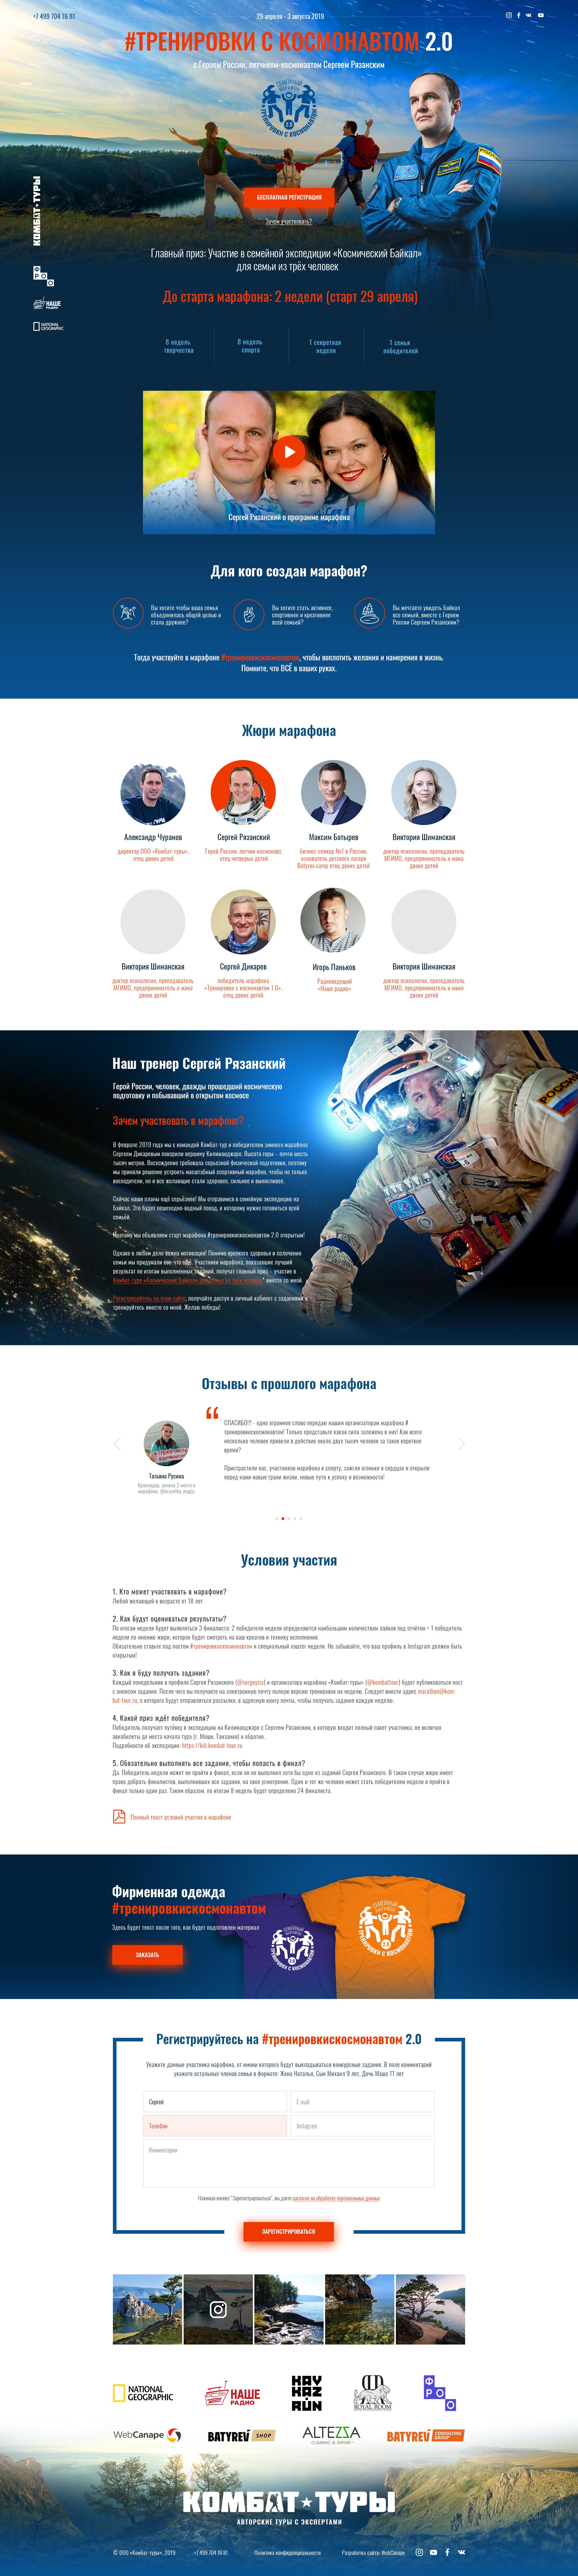 Доработка сайта, посвященного онлайн-марафону с розыгрышем поездки на Байкал